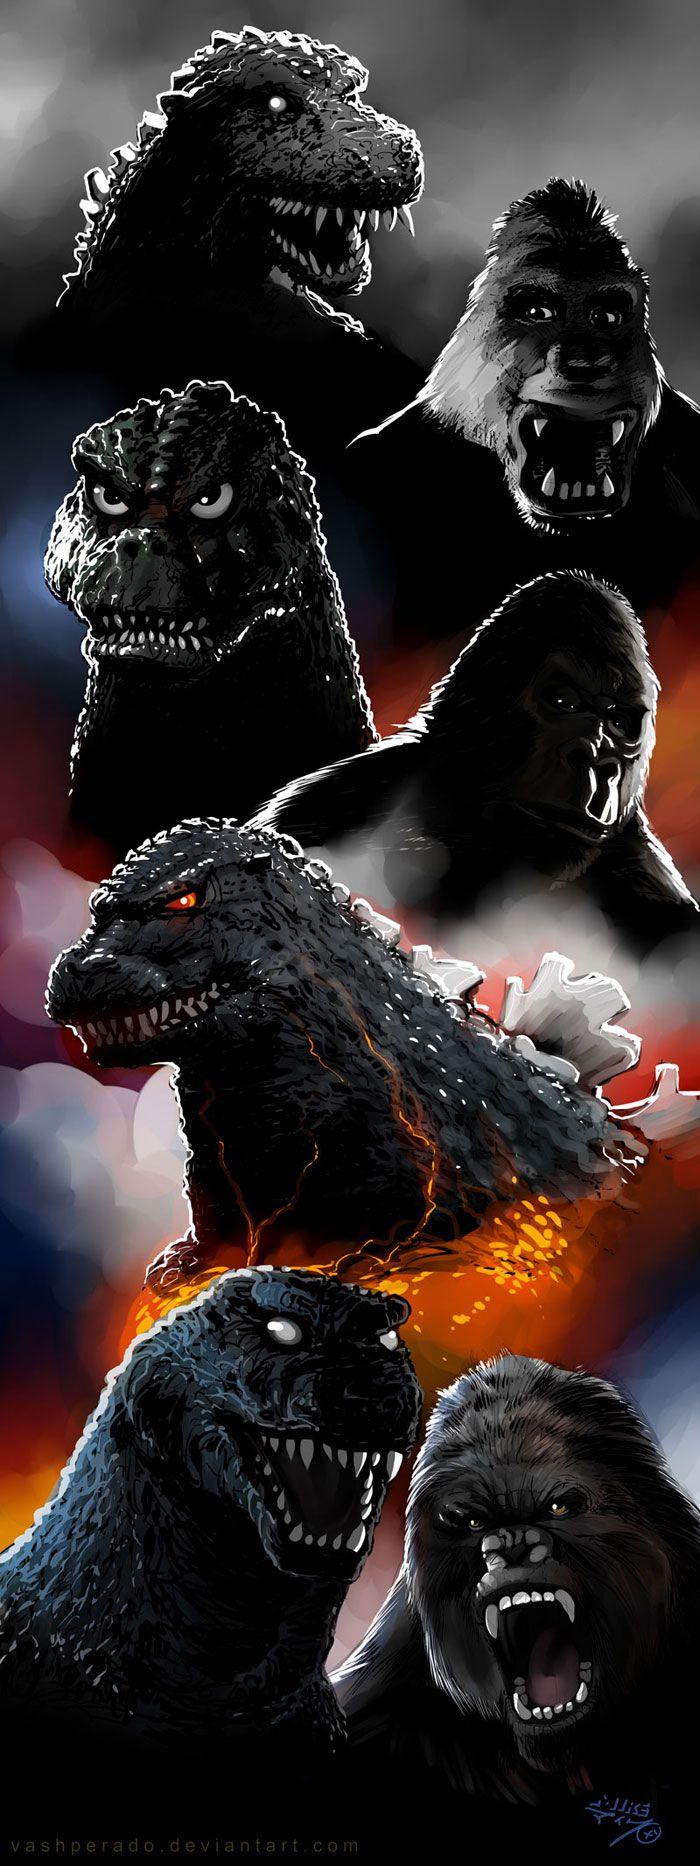 Evolution of Godzilla and King Kong fan illustration by Vashperado